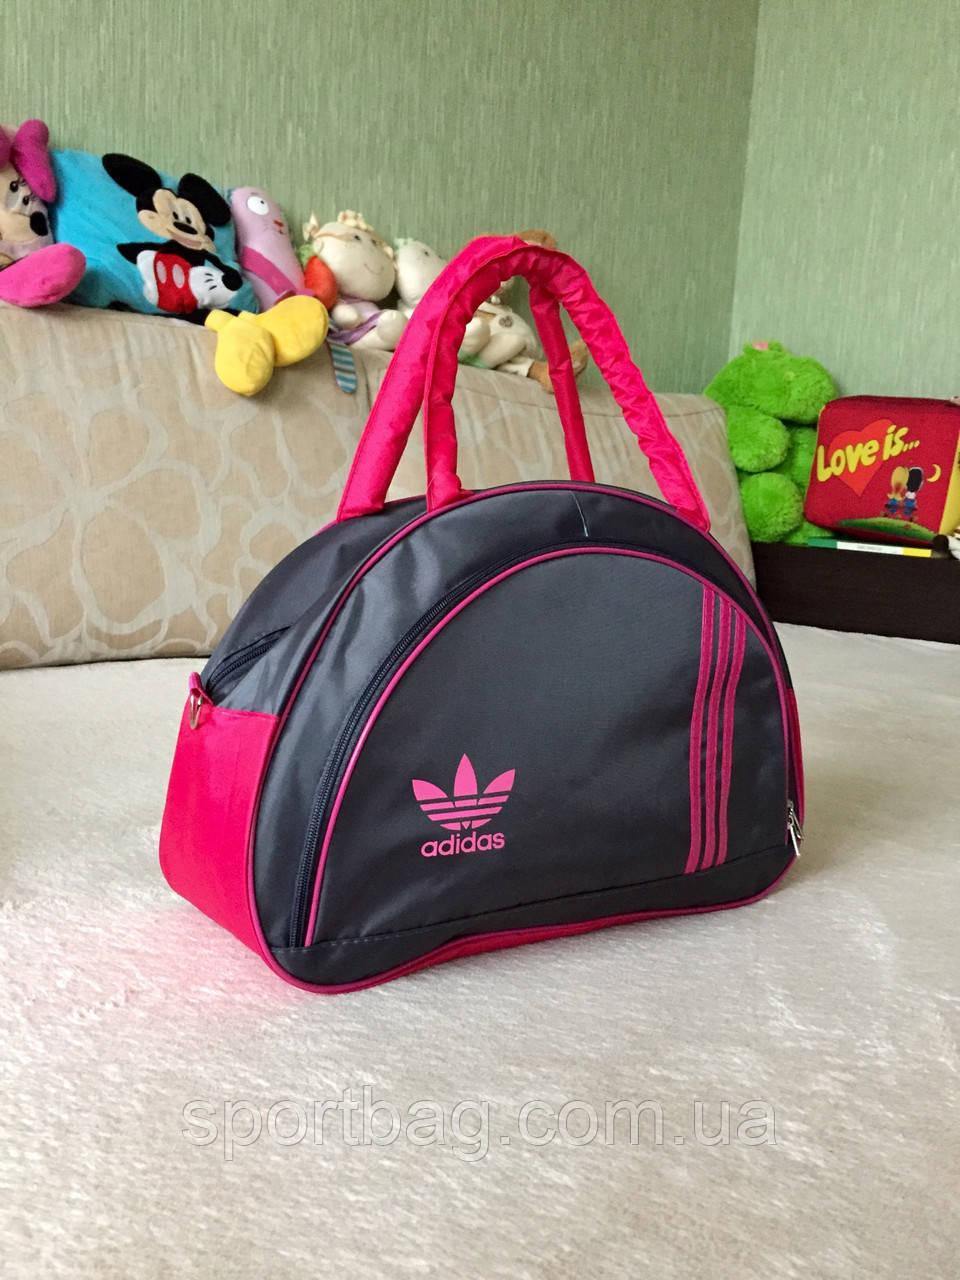 Спортивные сумки - купить с доставкой, цены на сумки в